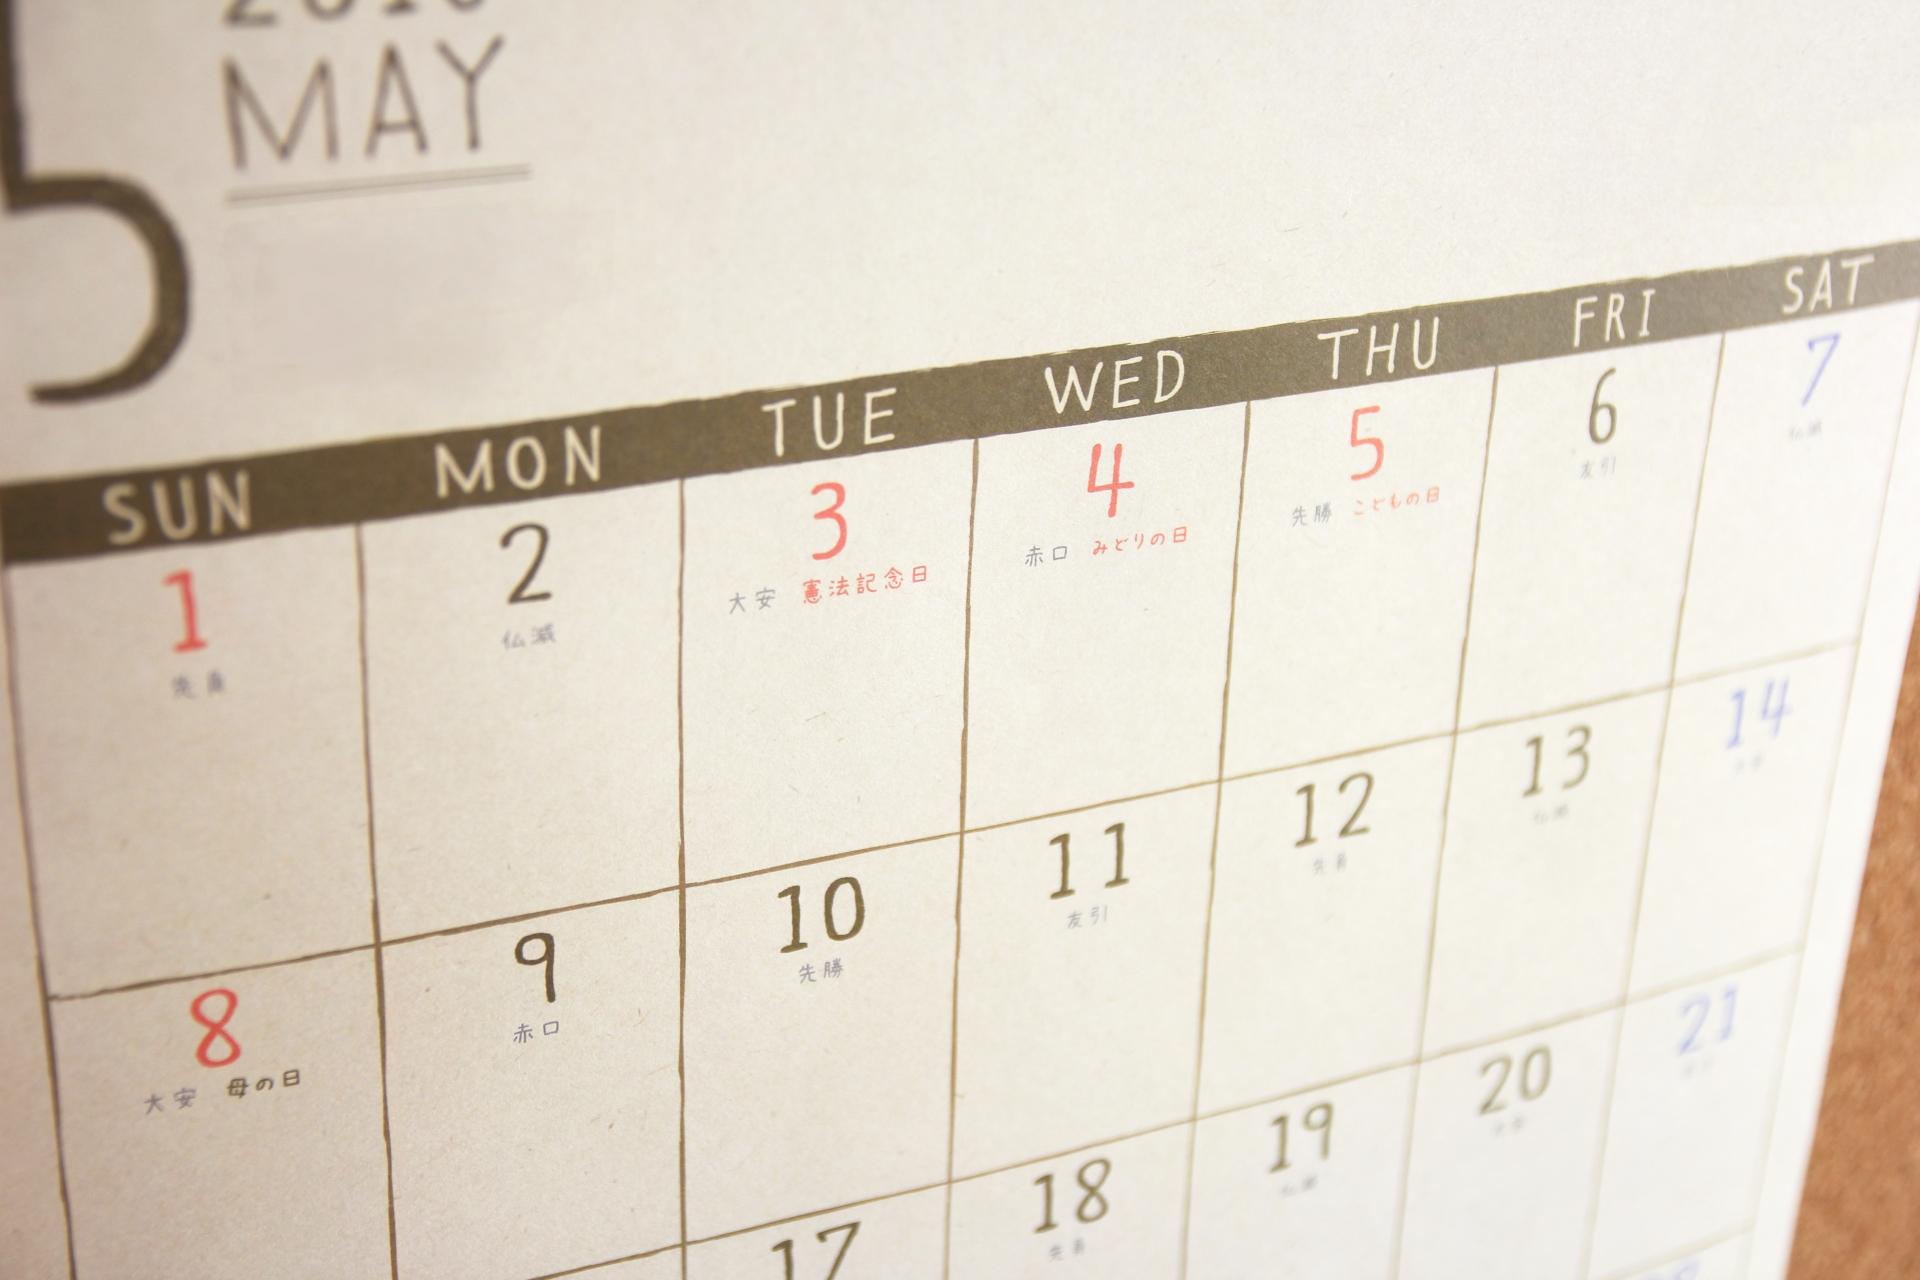 壁掛けカレンダーのおすすめ7選【2020年版】